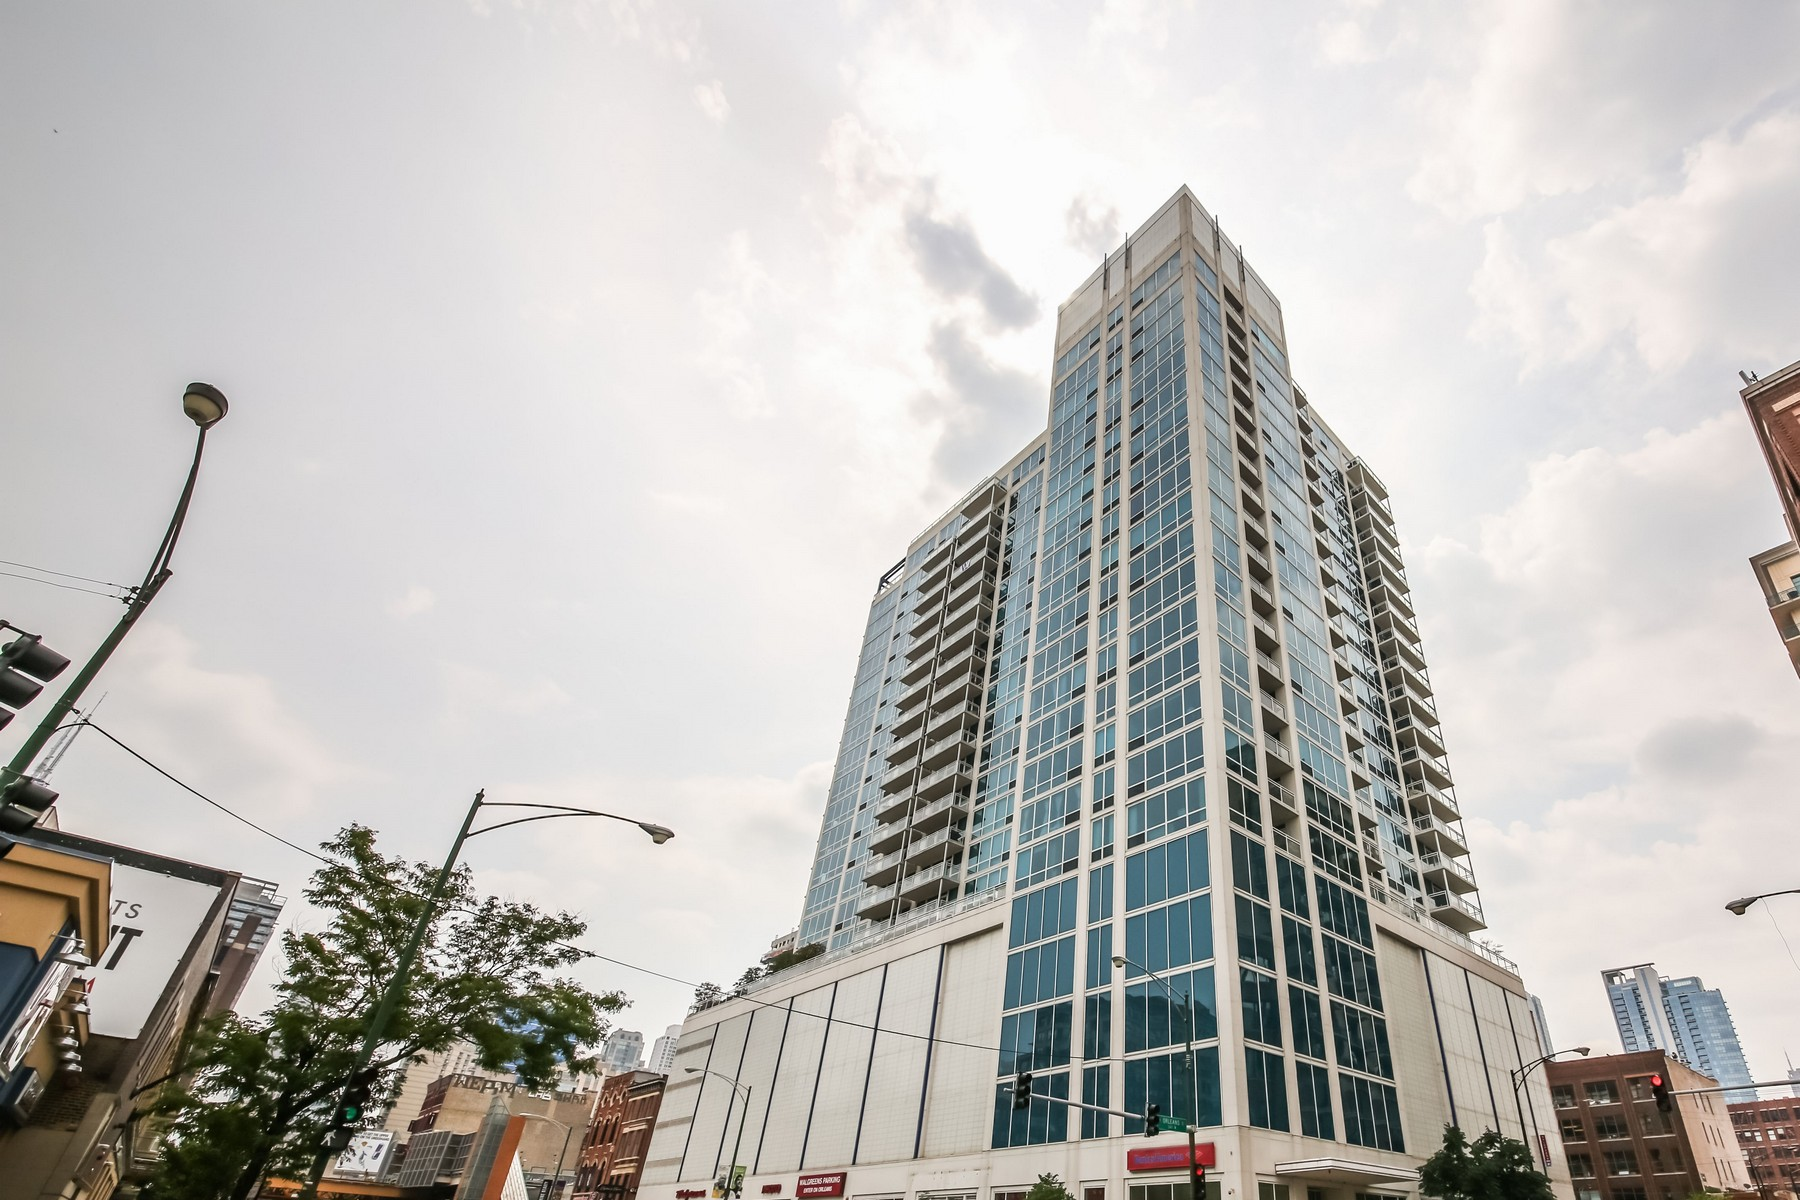 Eigentumswohnung für Verkauf beim Incredible River North Condo 757 N Orleans Street Unit 811 Chicago, Illinois, 60654 Vereinigte Staaten